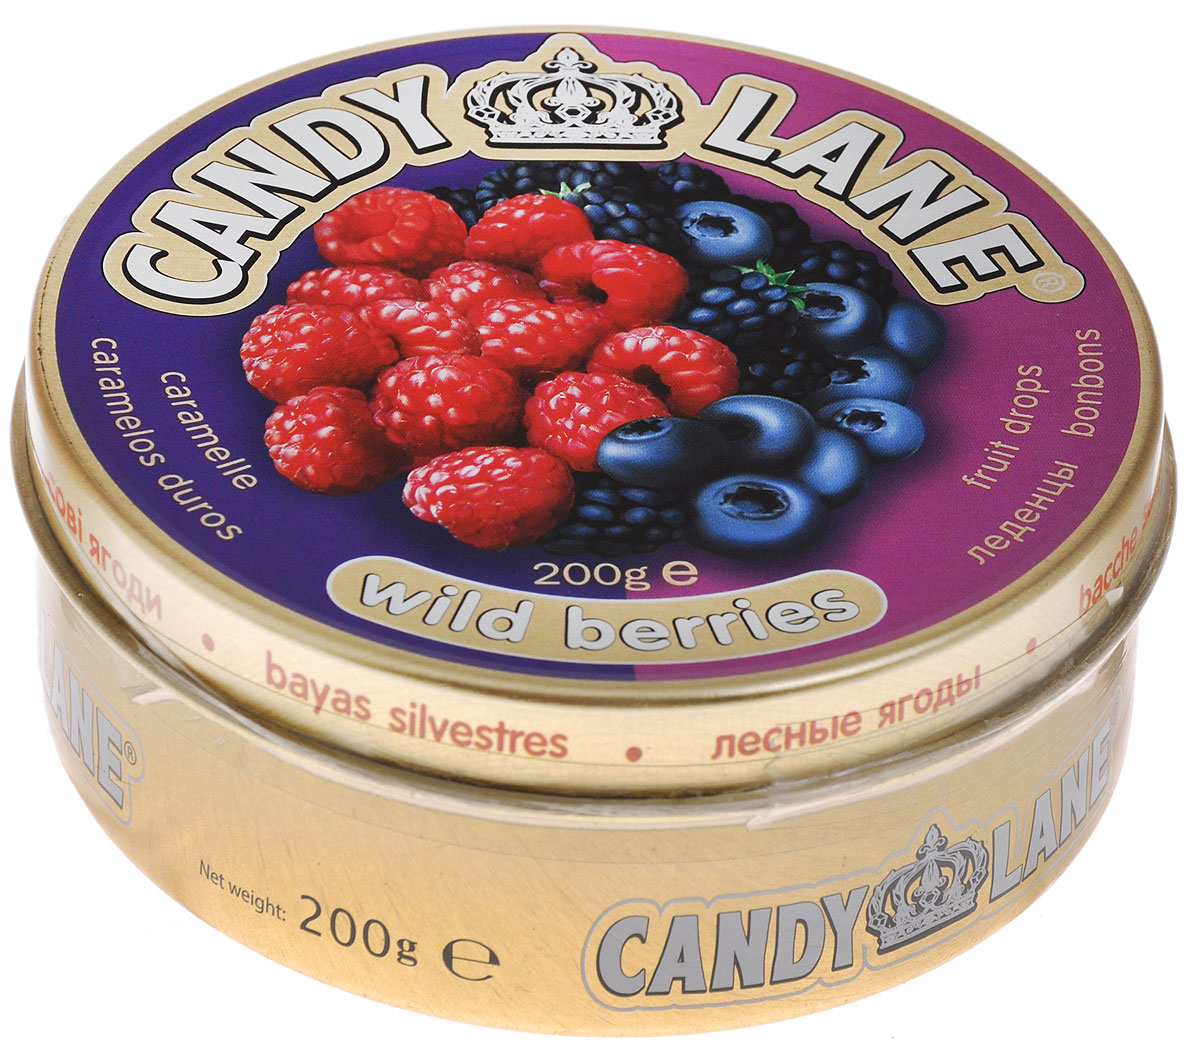 цены Candy Lane Лесные ягоды фруктовые леденцы, 200 г